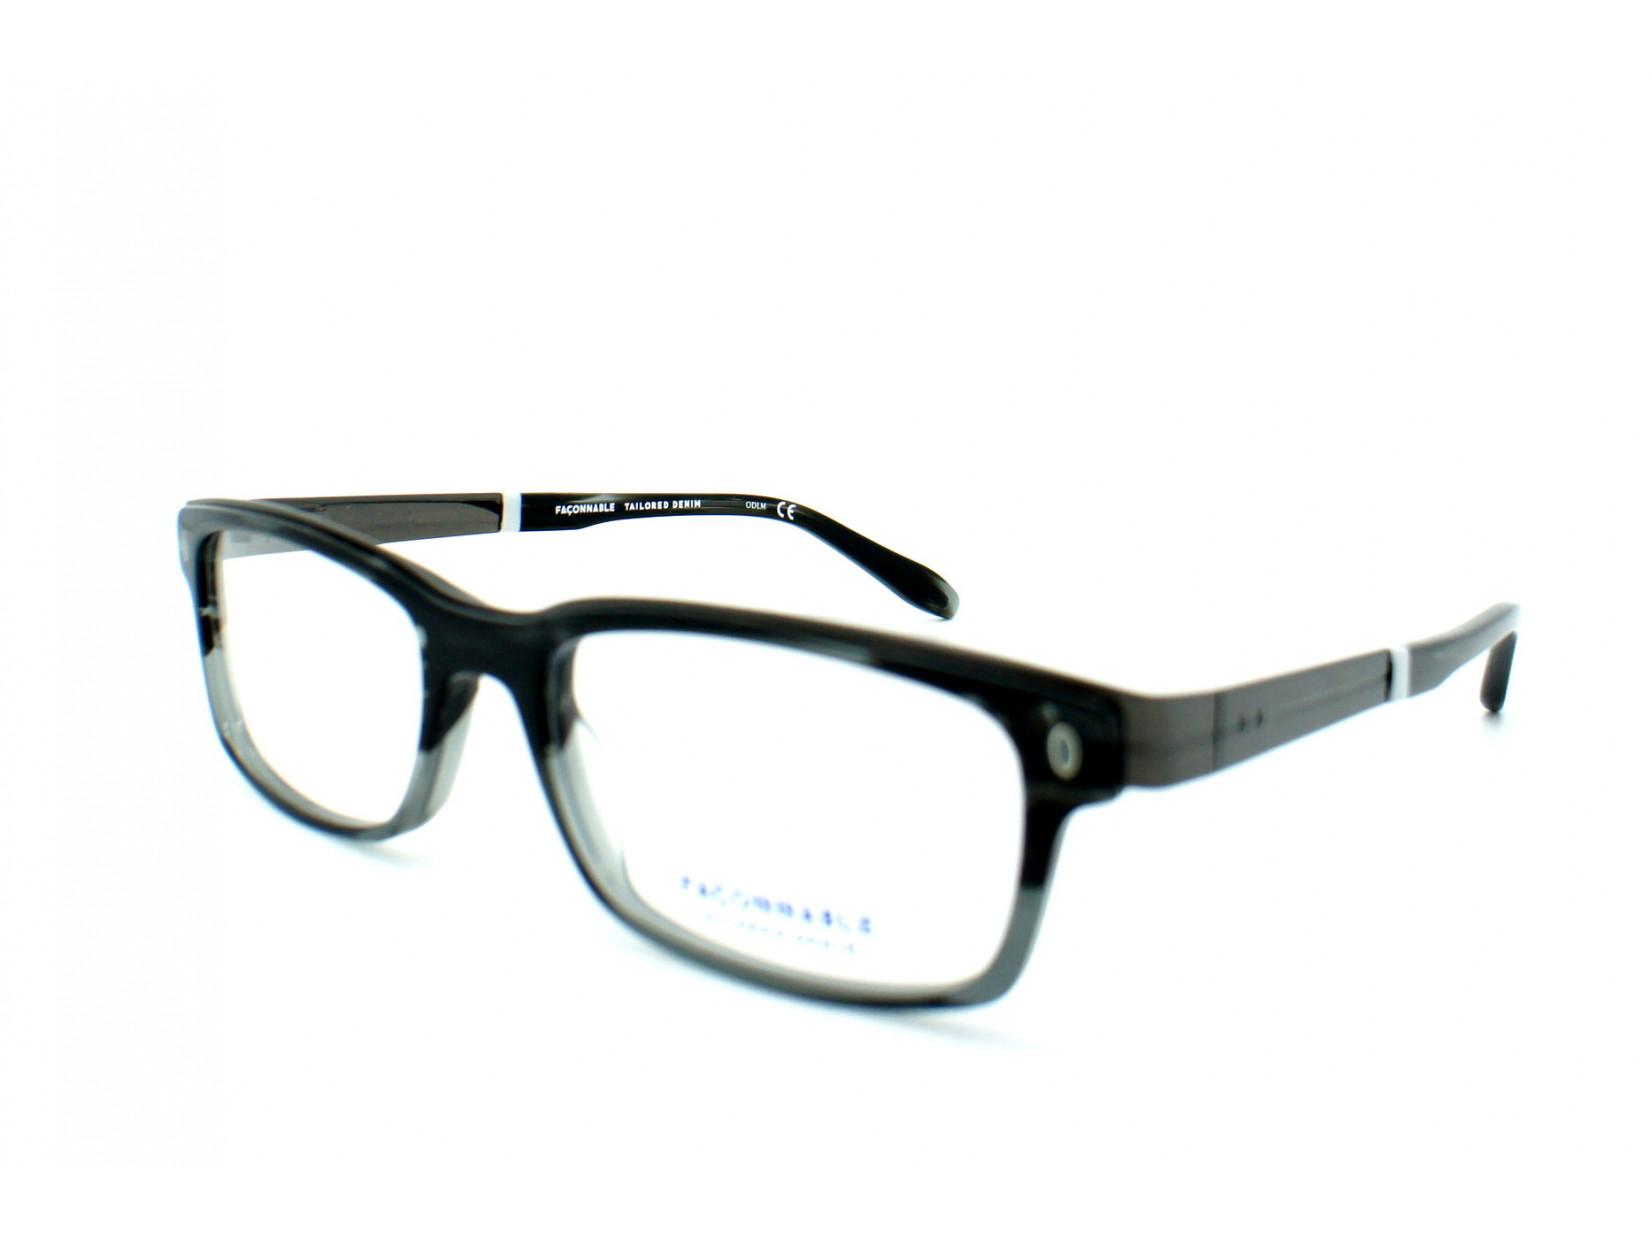 Lunettes de vue pour homme FACONNABLE Noir FJ 905 173 52 18 c0da9f0577ee